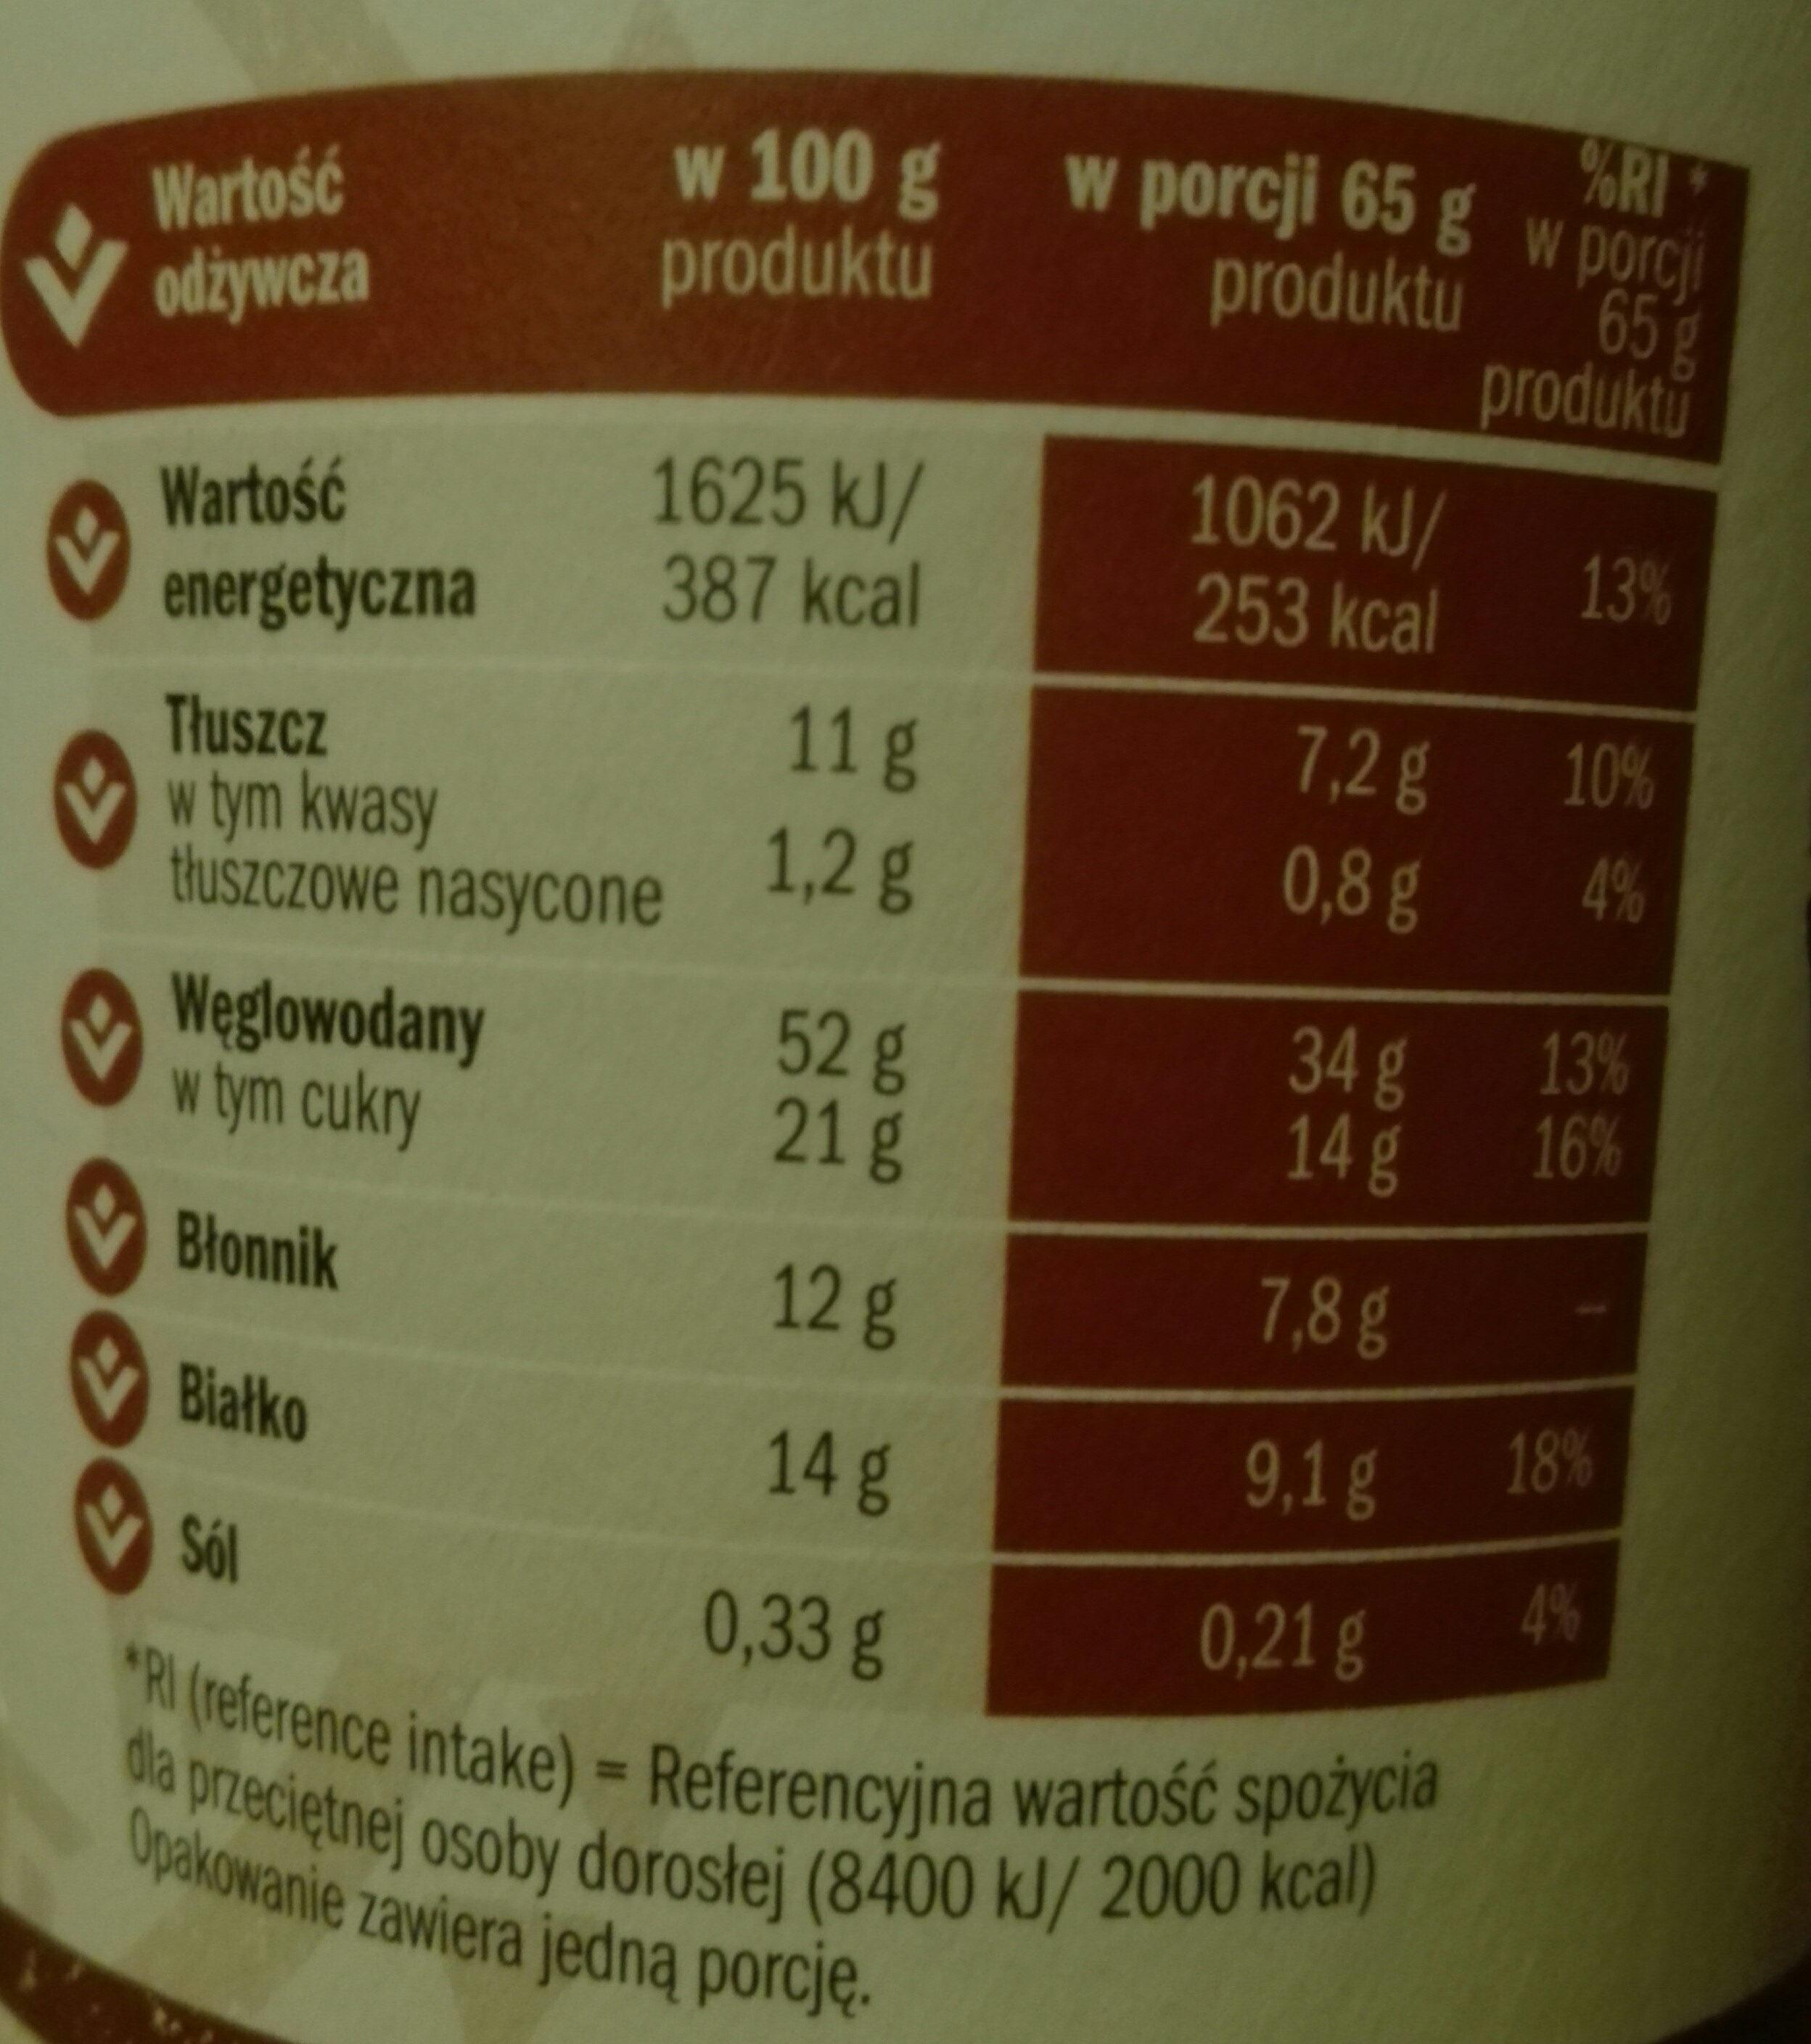 owsianka z płatkami jęczmiennymi - Wartości odżywcze - pl